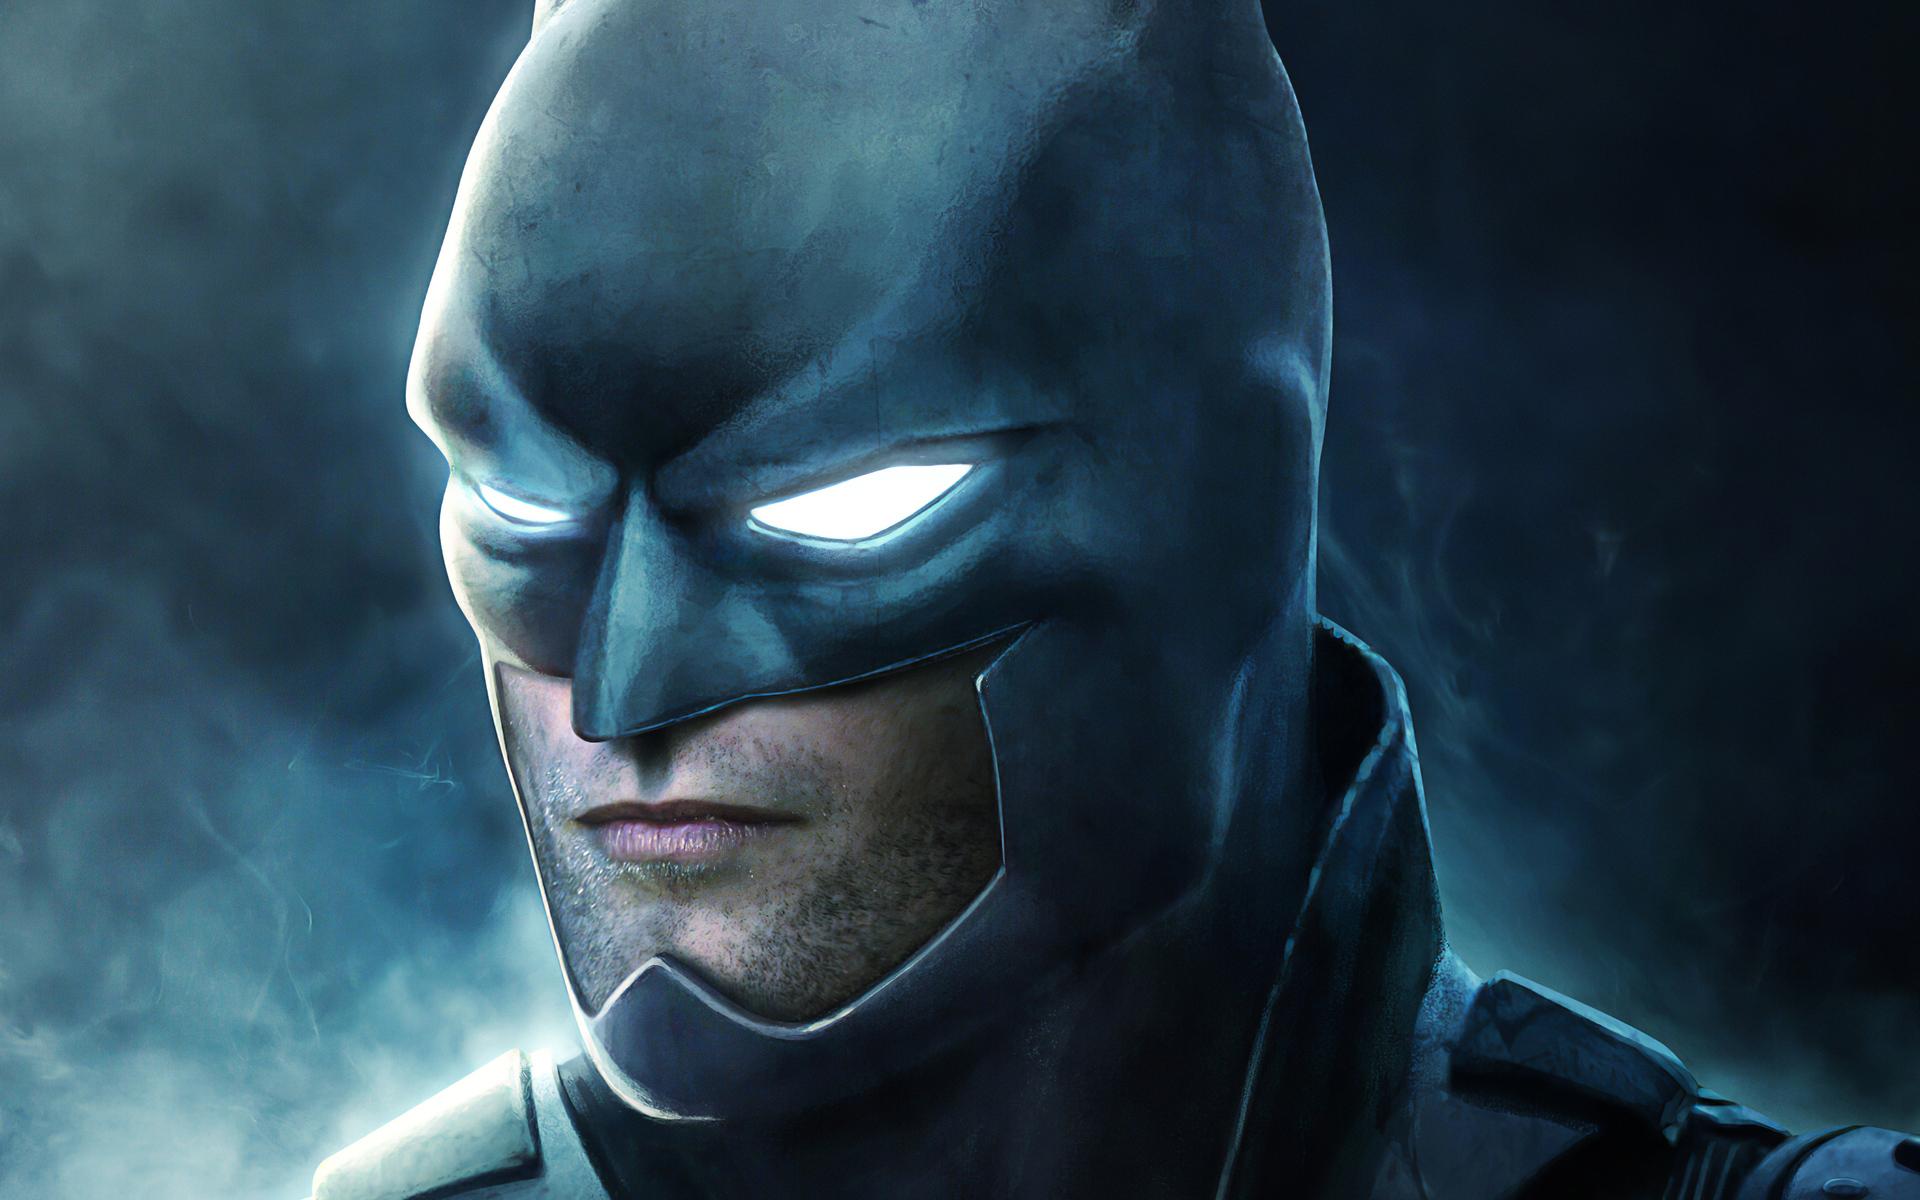 1920x1200 Batman 2020 Robert 1080P Resolution HD 4k ...